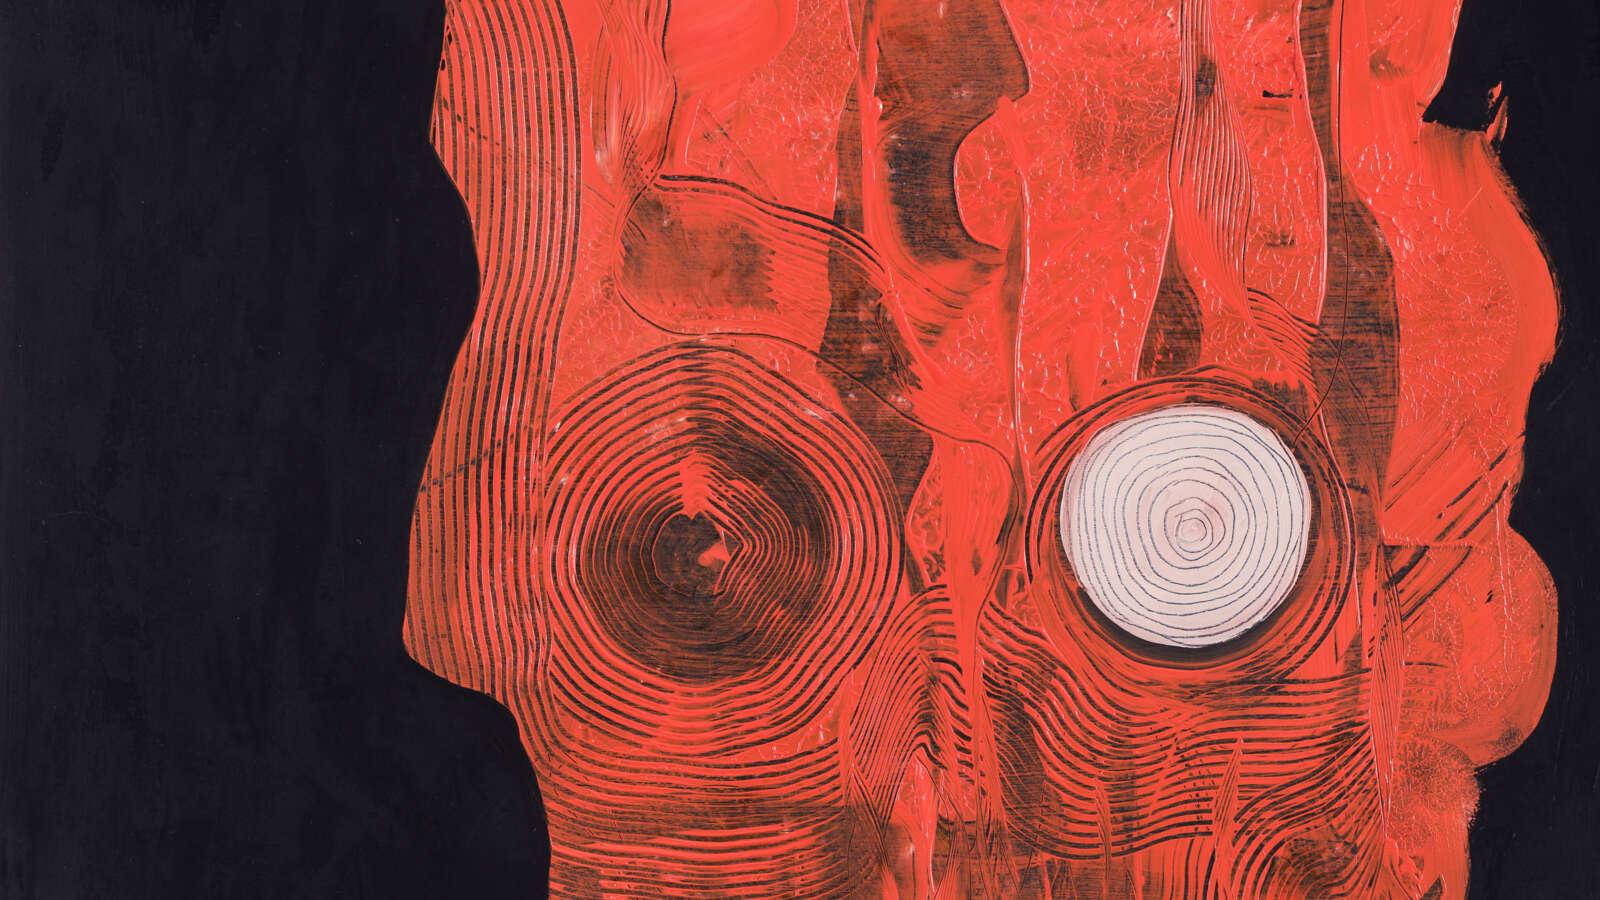 En oljemålning av en röd huvudlik form på en svart bakgrund, där ett litet vitt träd växer ur en spets på formen.